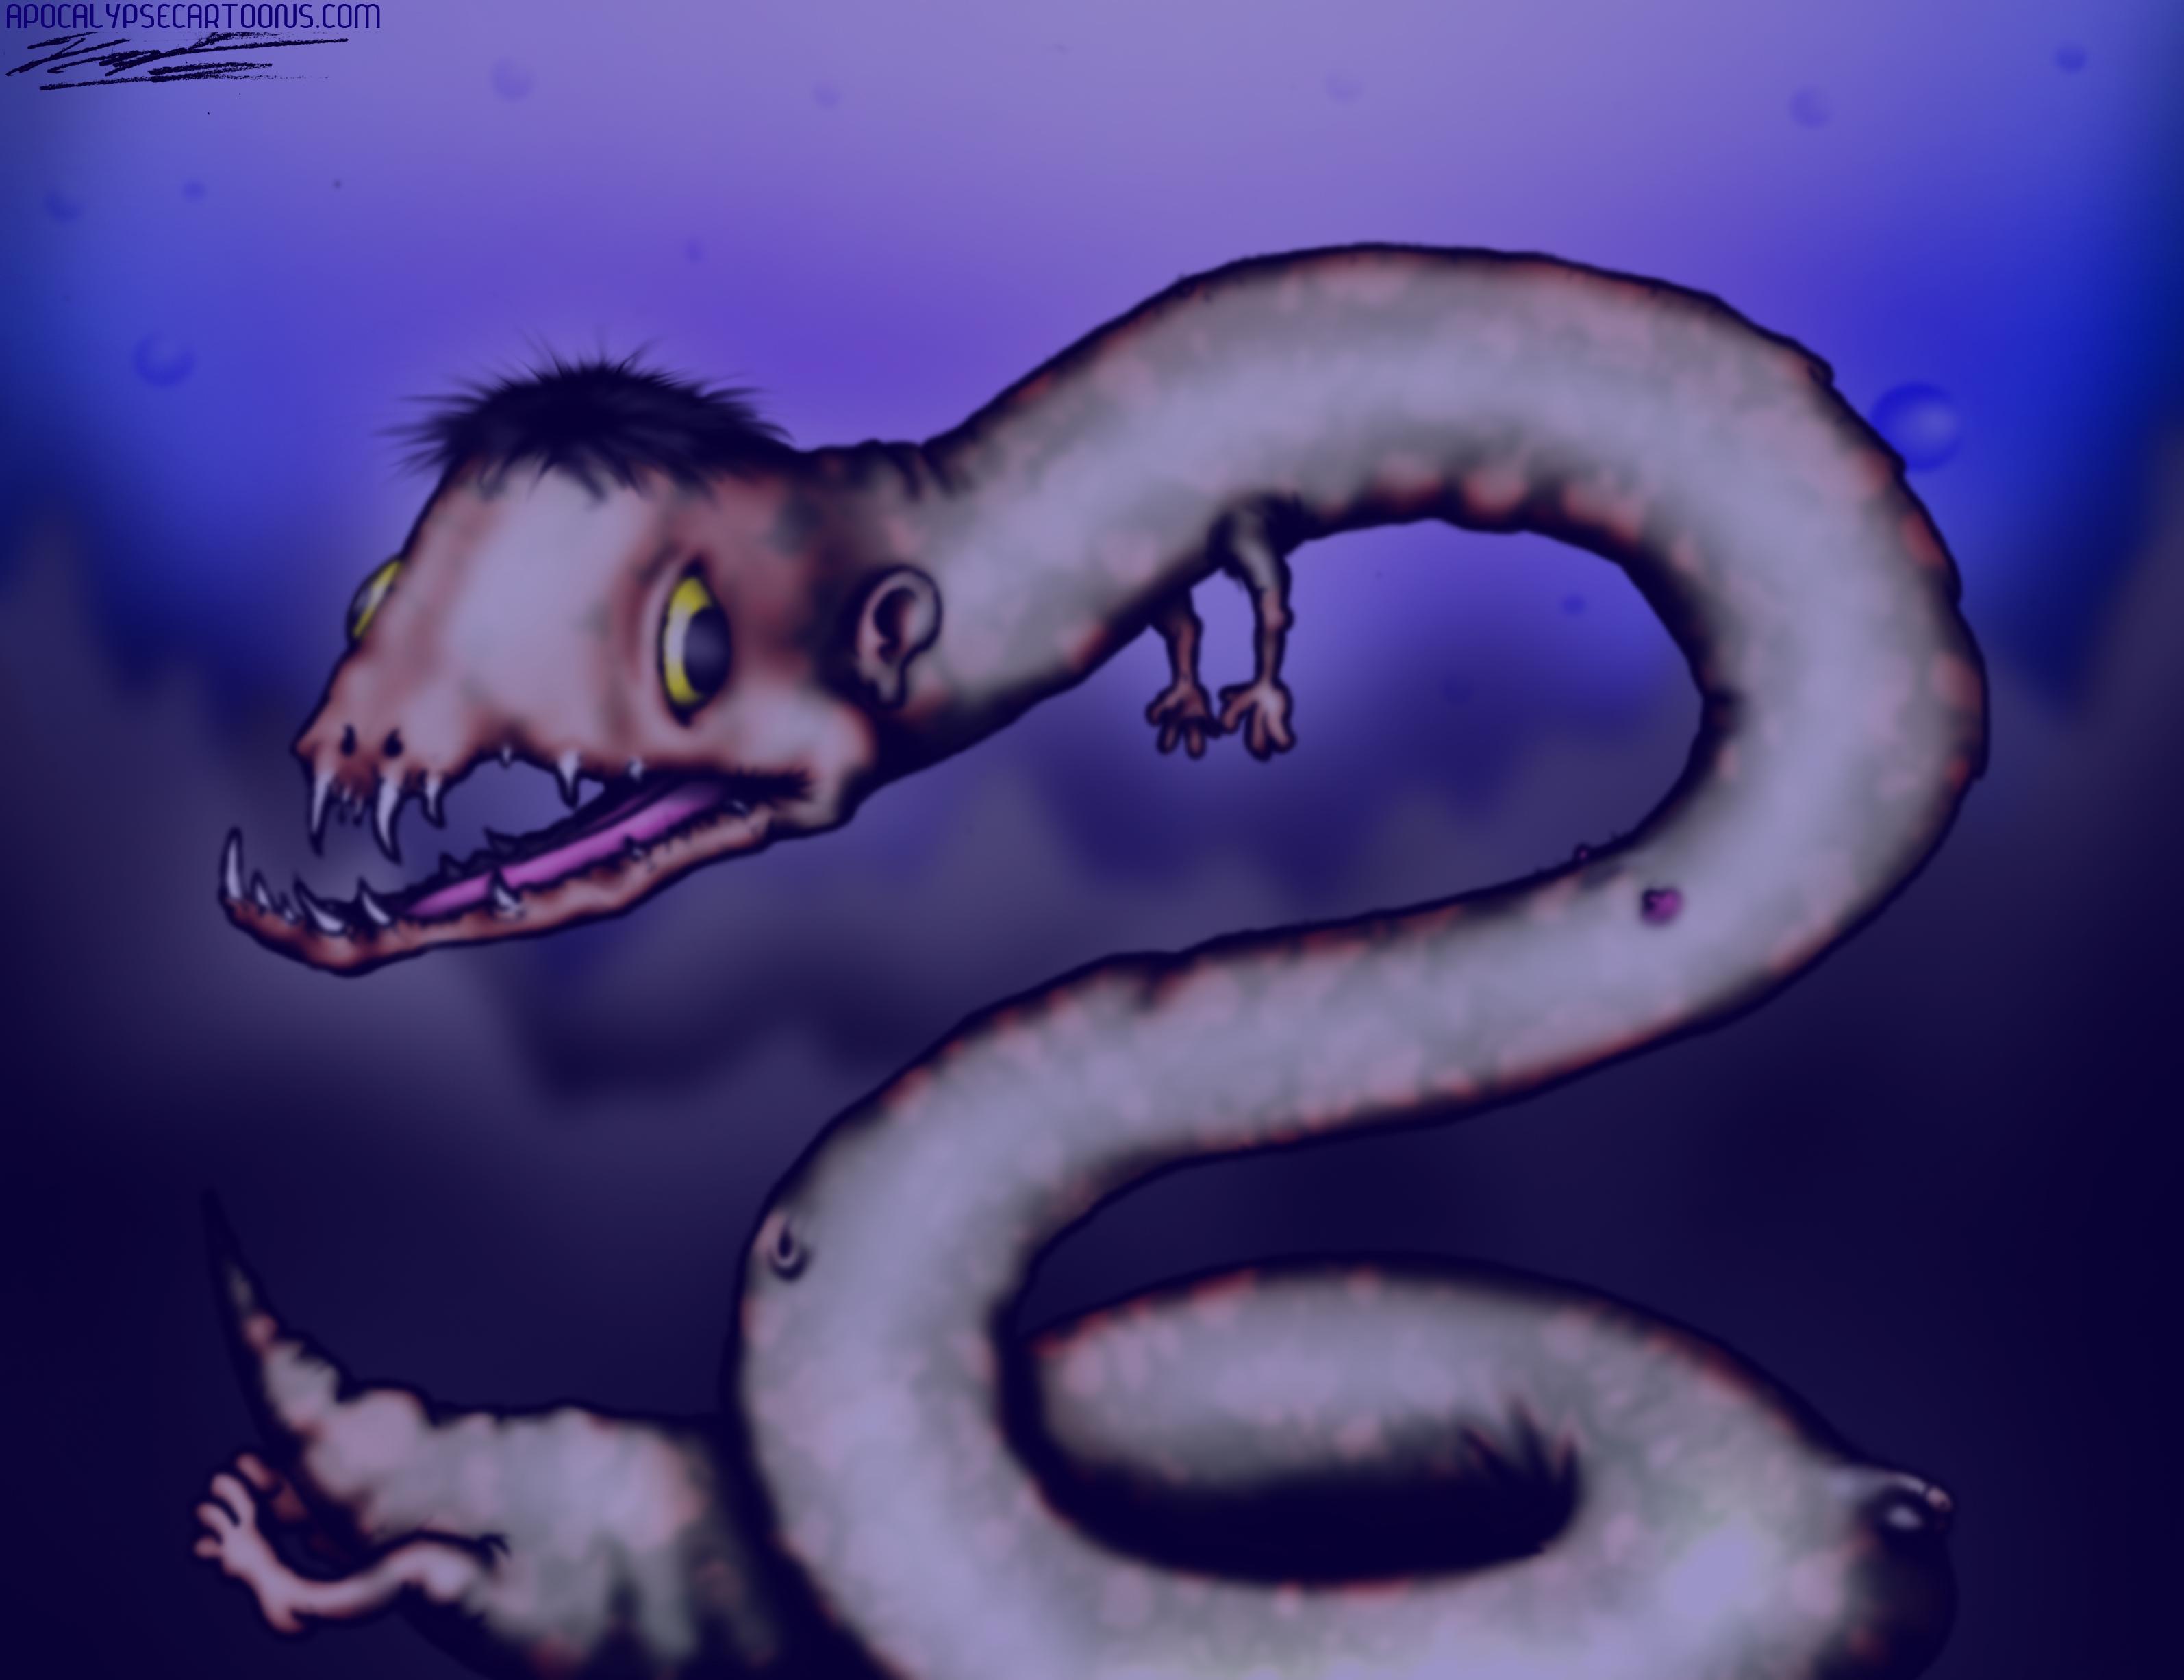 Manray Eel